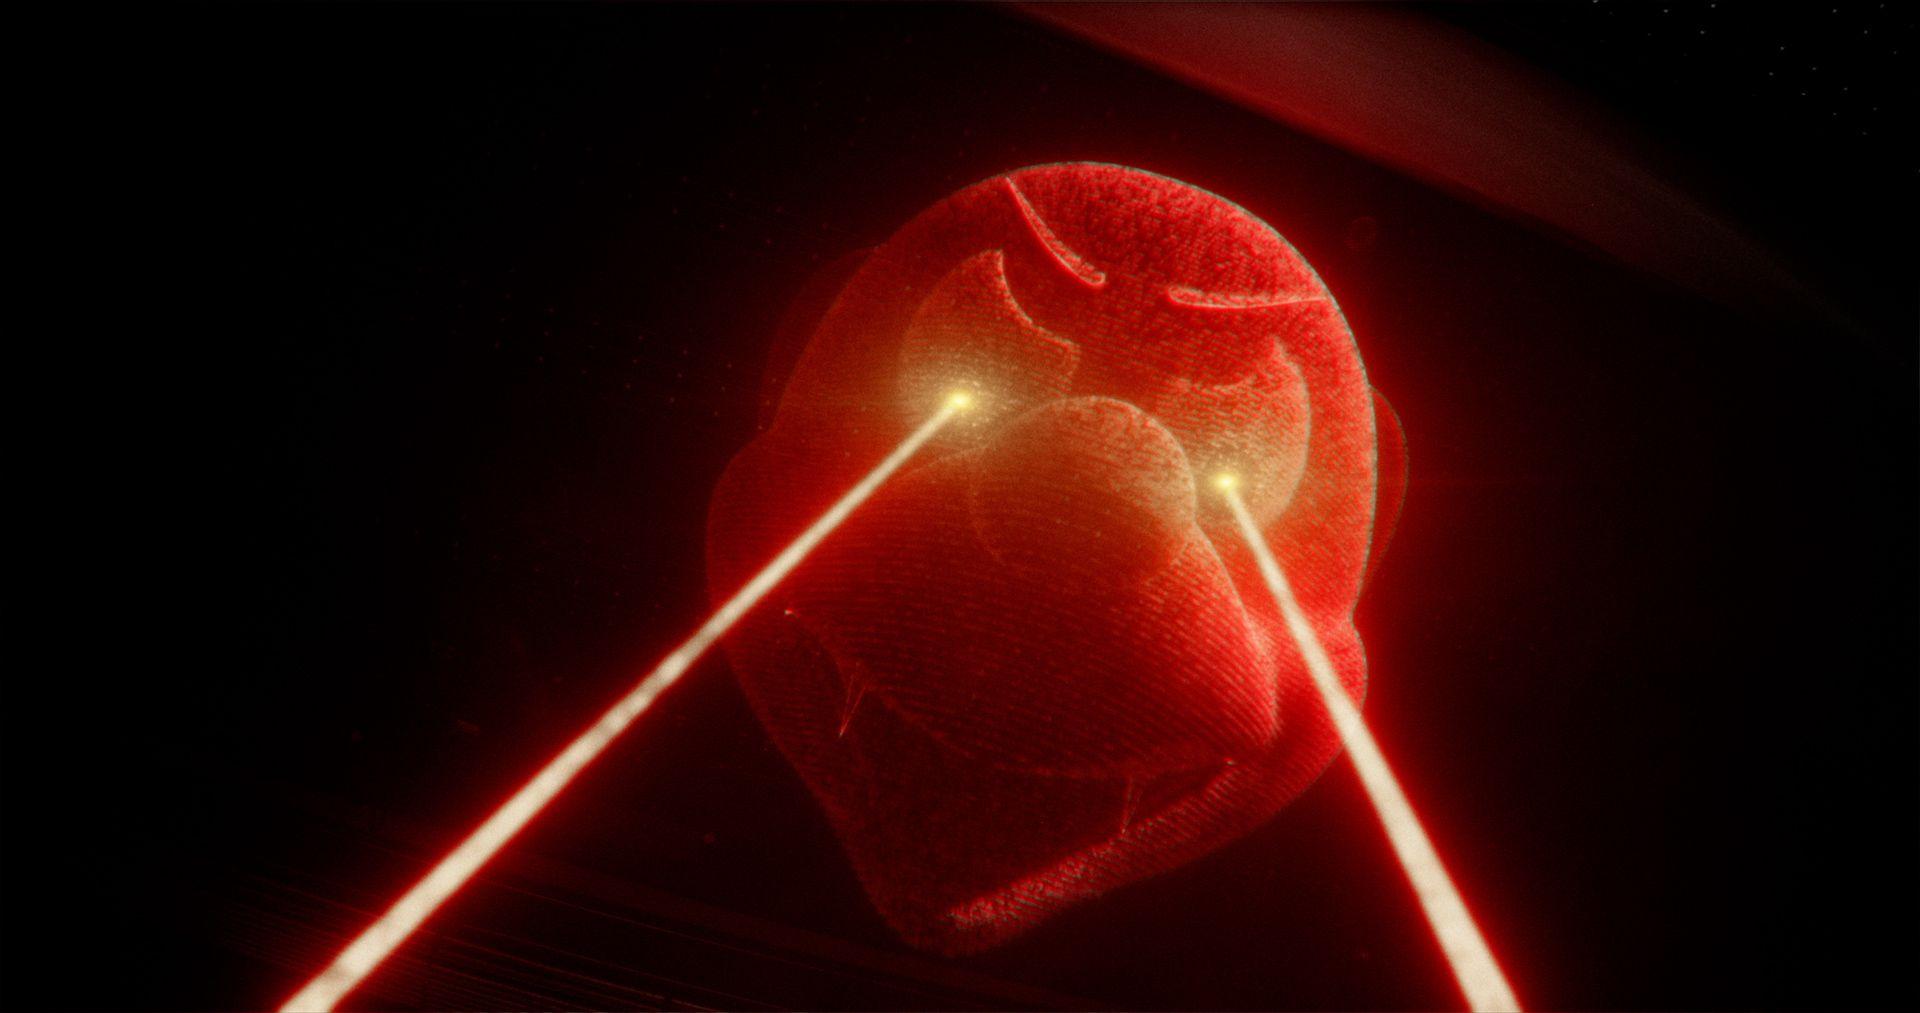 Arrêt sur image d'une souris rouge animée en effet spéciaux tirant des rayons laser avec ses yeux.